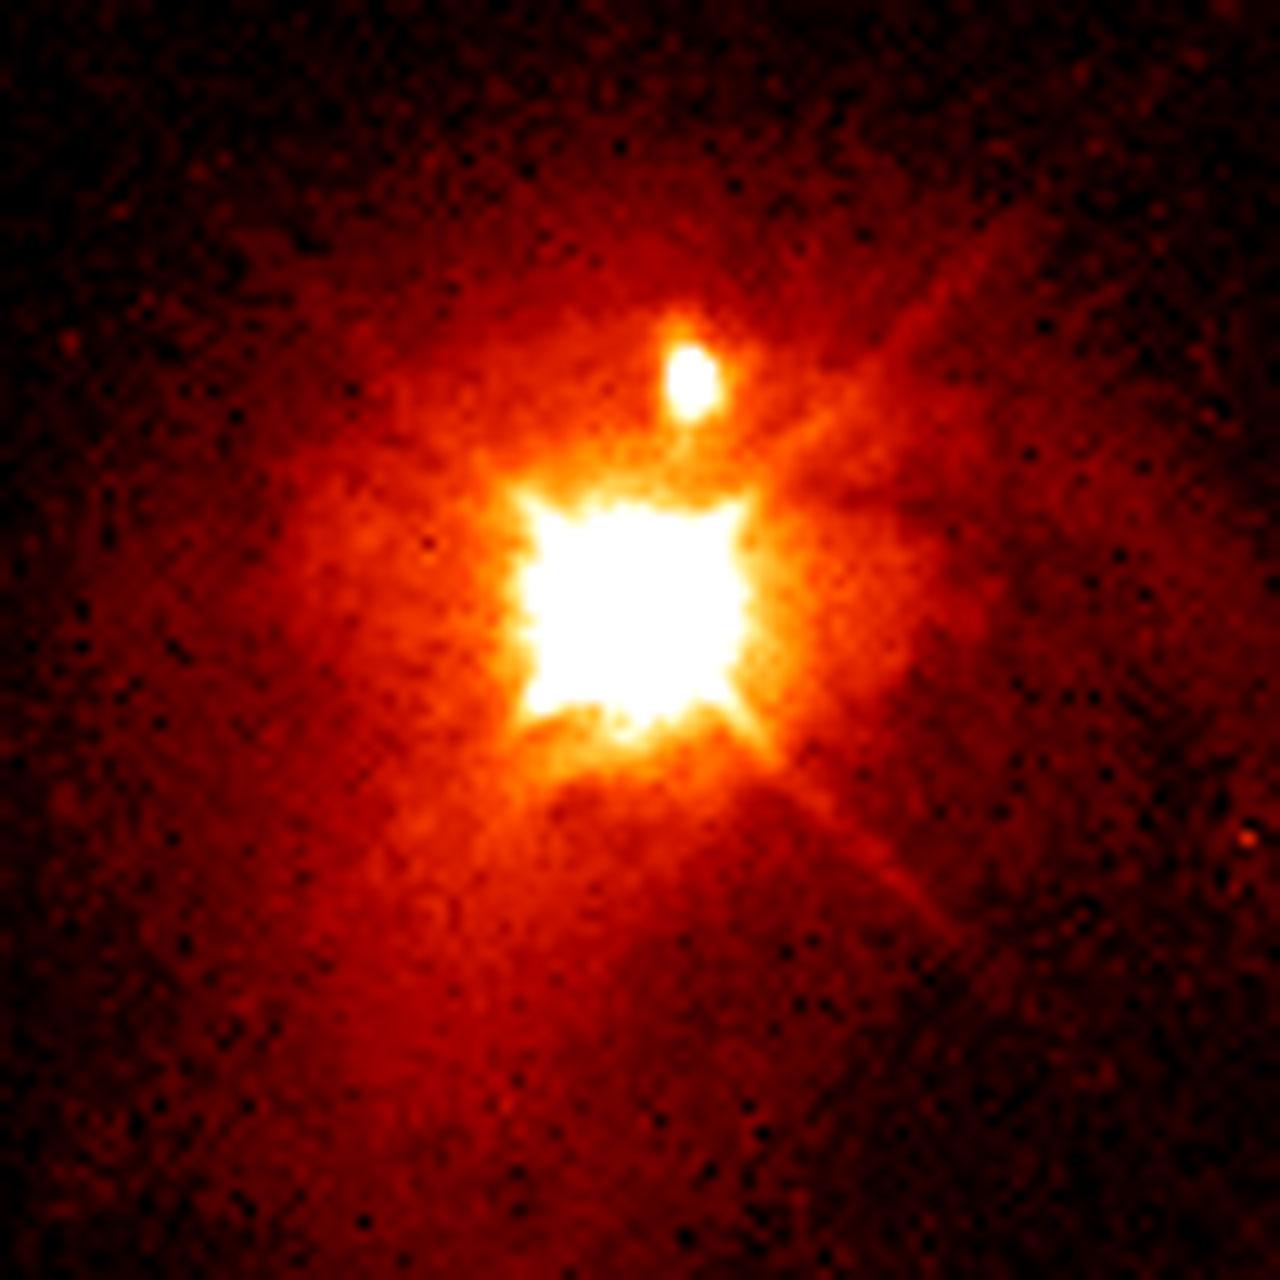 Quasar Pks 2349 Esa Hubble